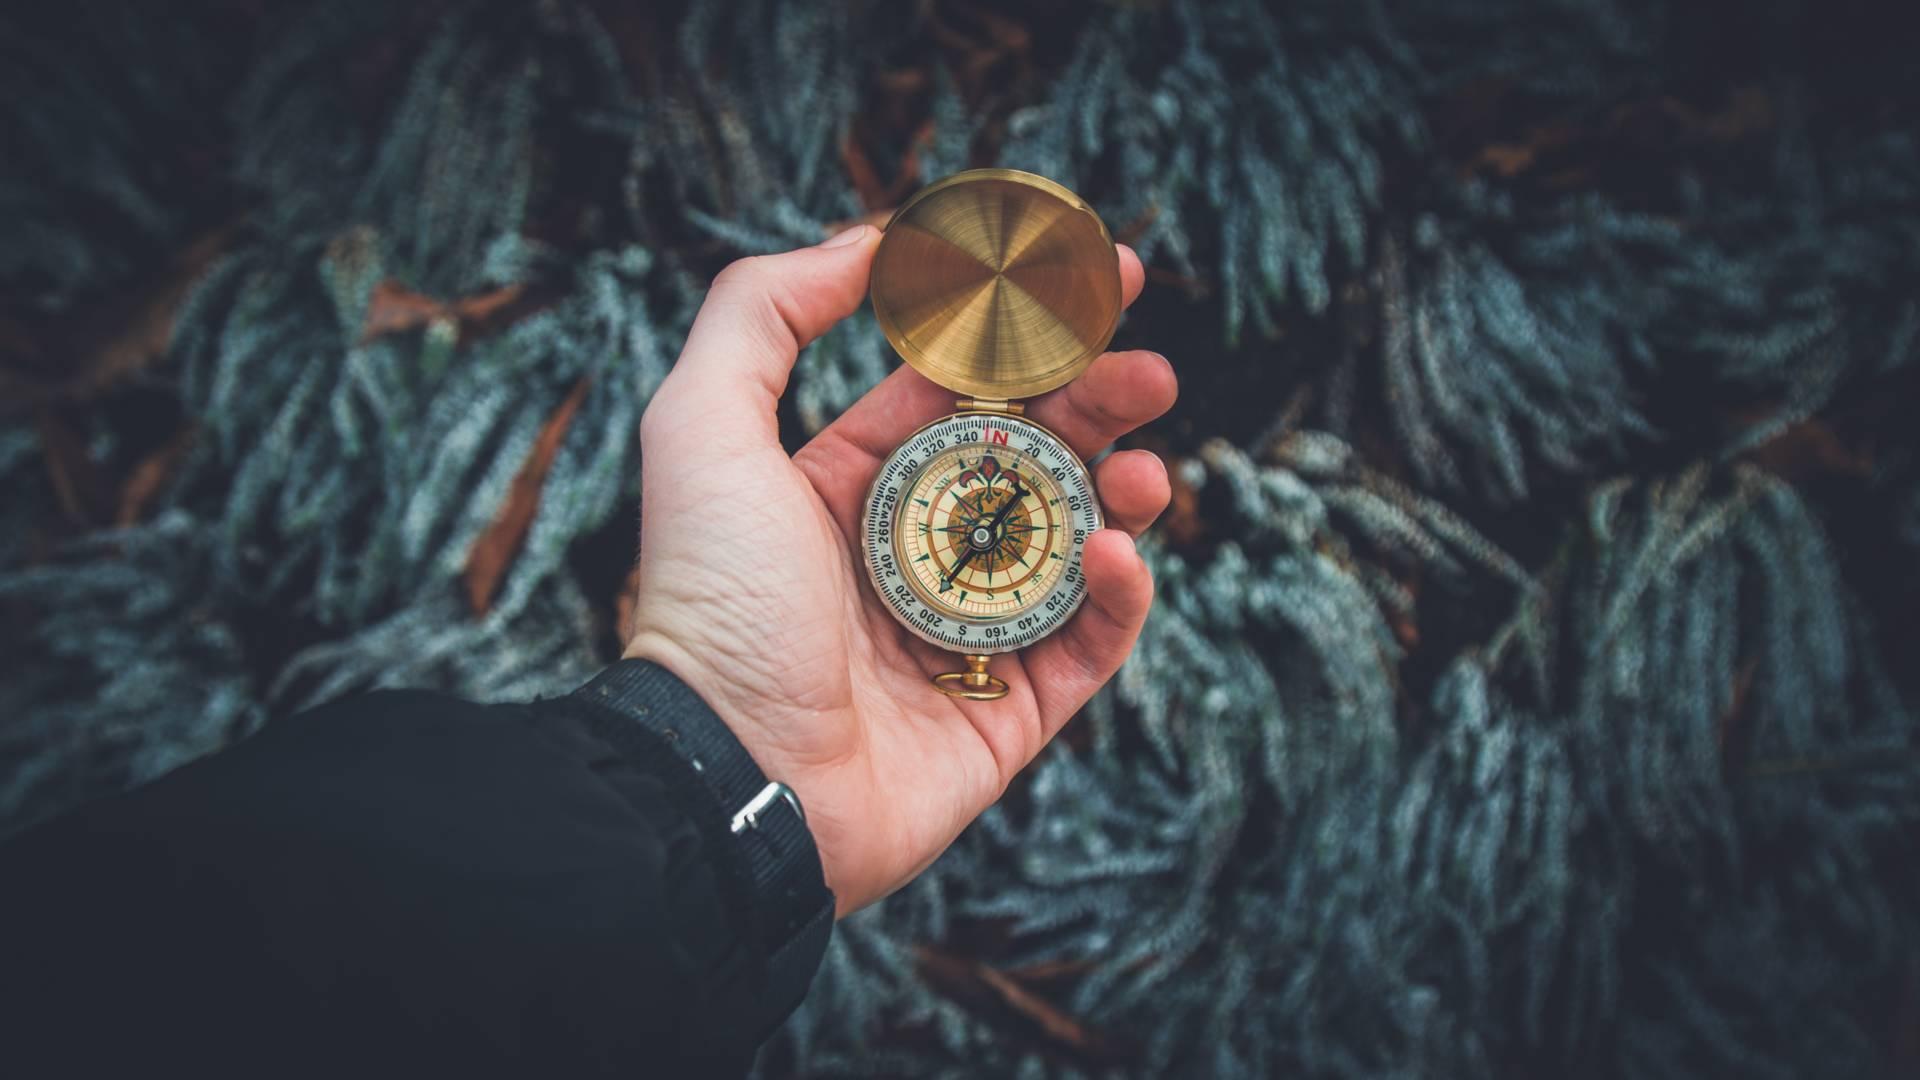 Hand die einen Kompass hält - Quelle: Valentin Antonucci via unsplash.com